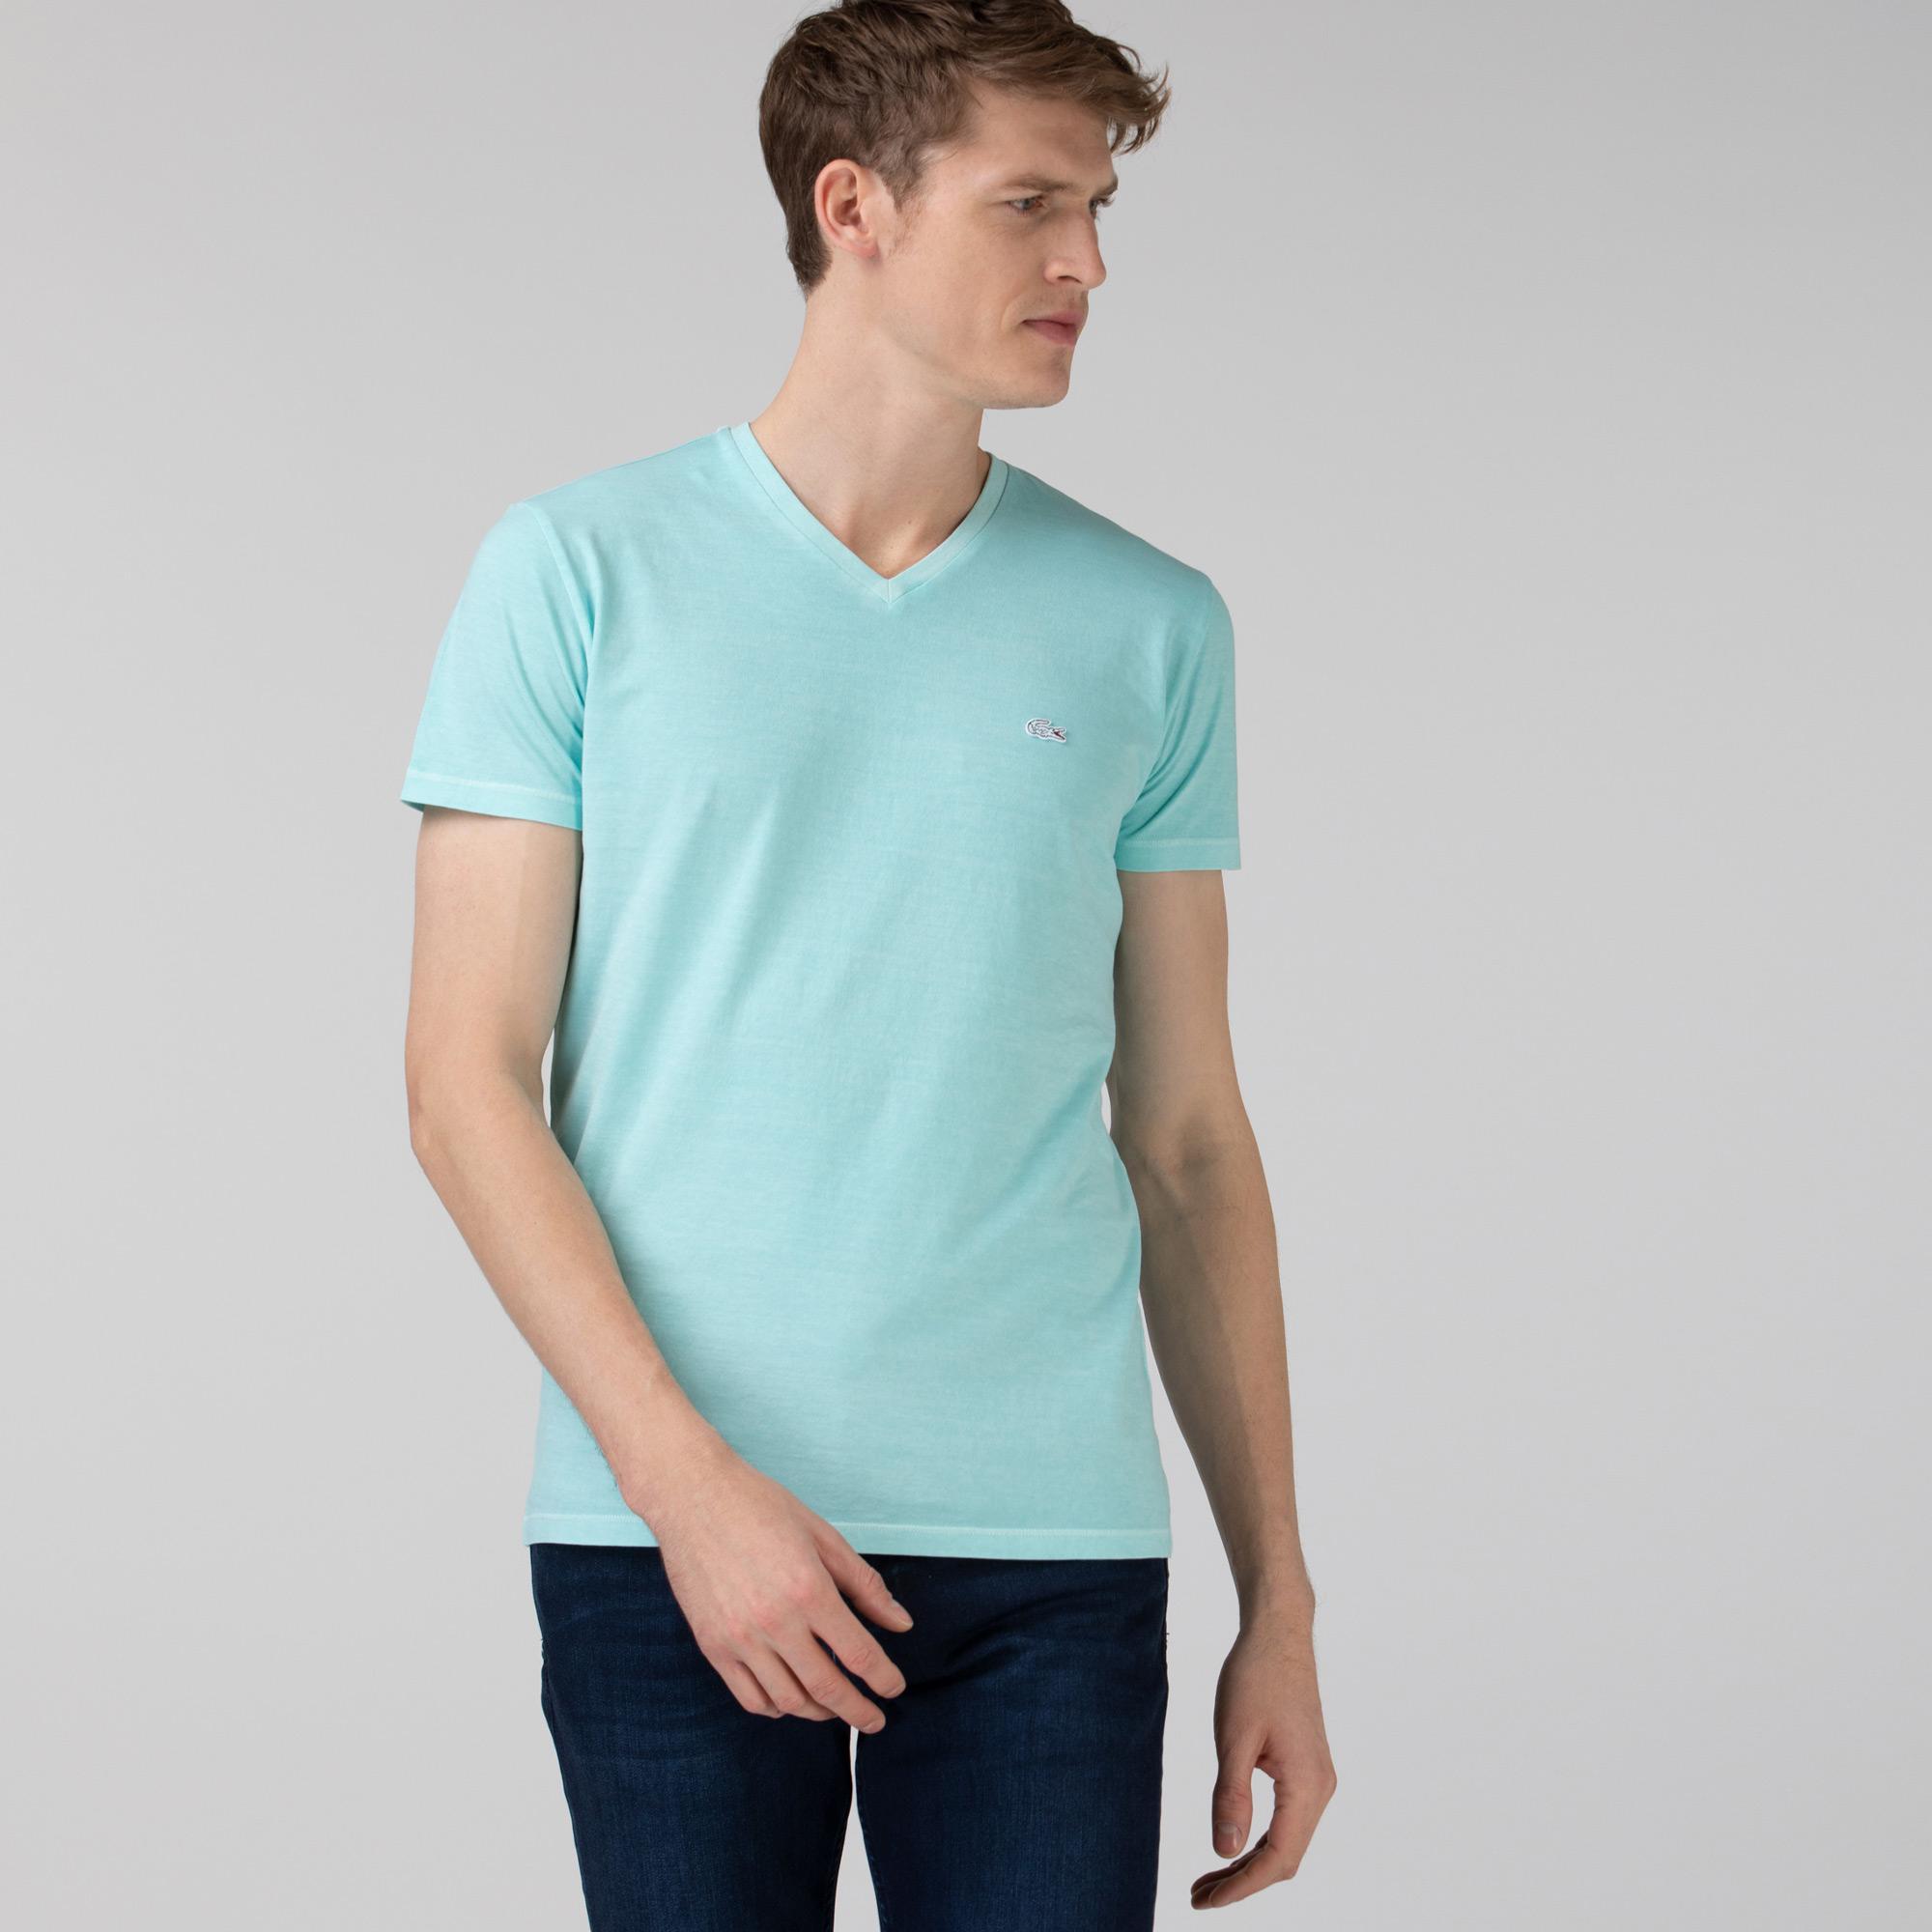 Lacoste Erkek Slim Fit V Yaka Açık Mavi T-Shirt